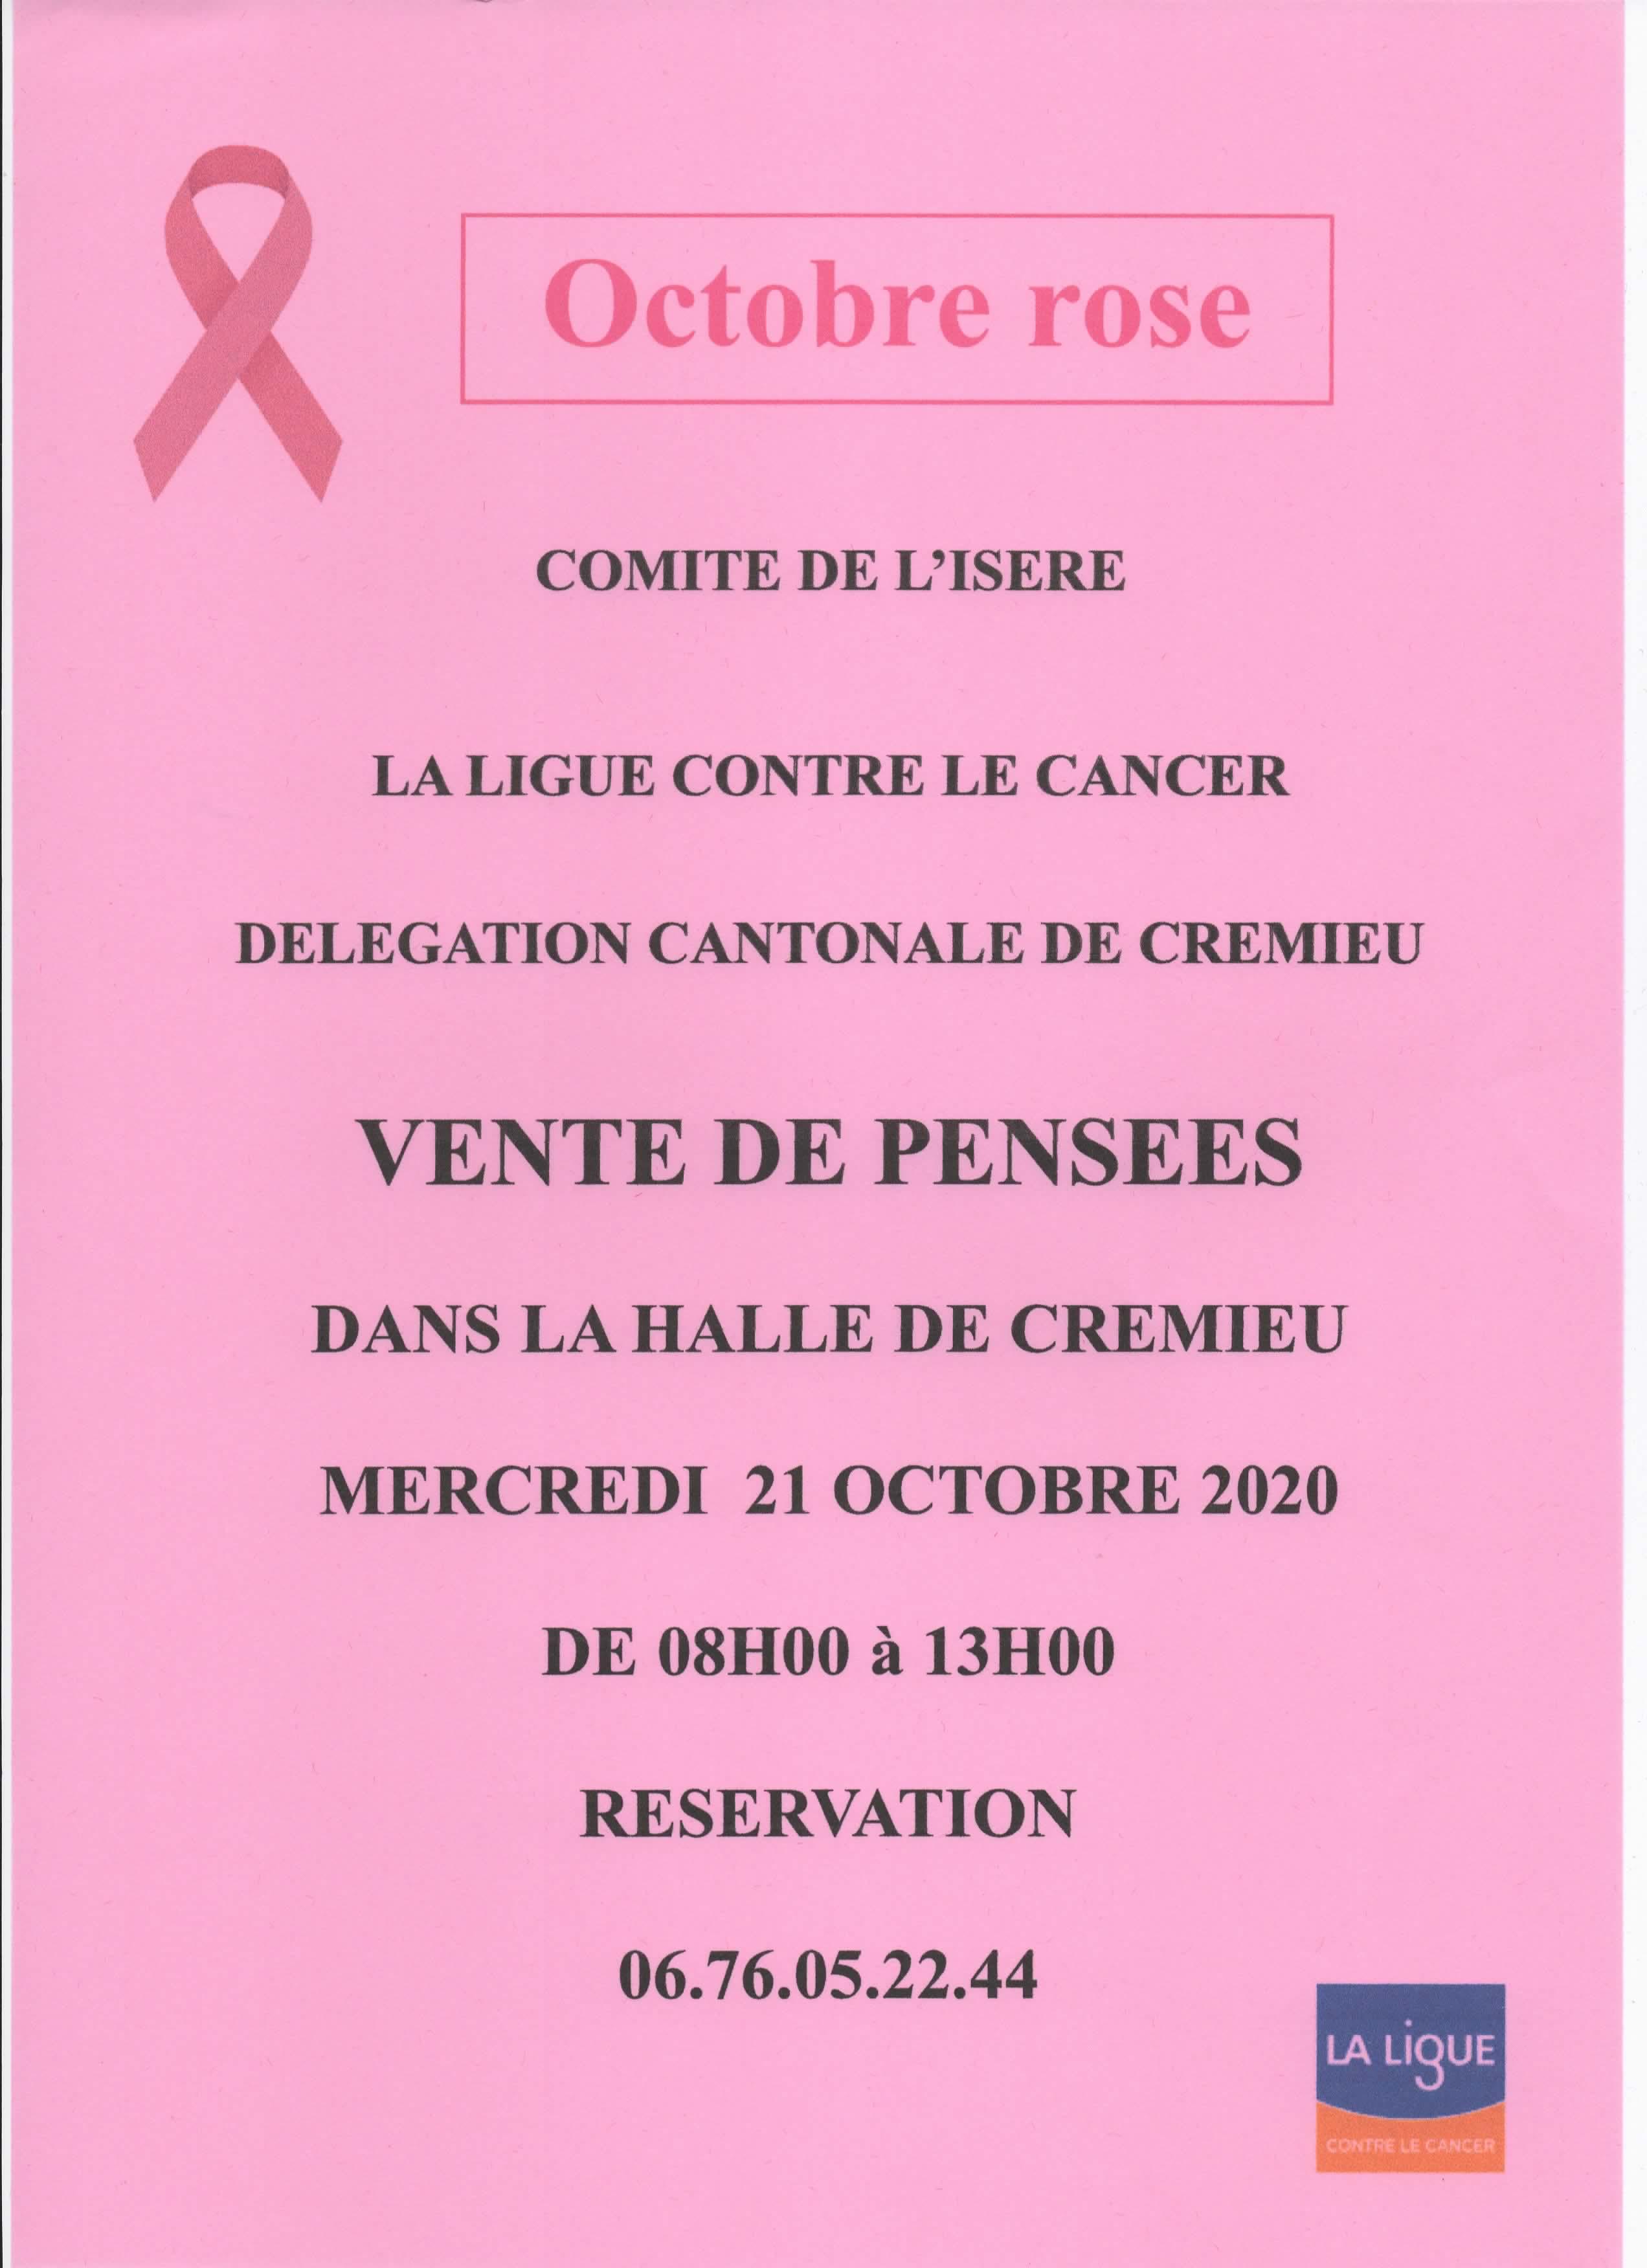 Octobre Rose Crémieu 21 octobre 2020